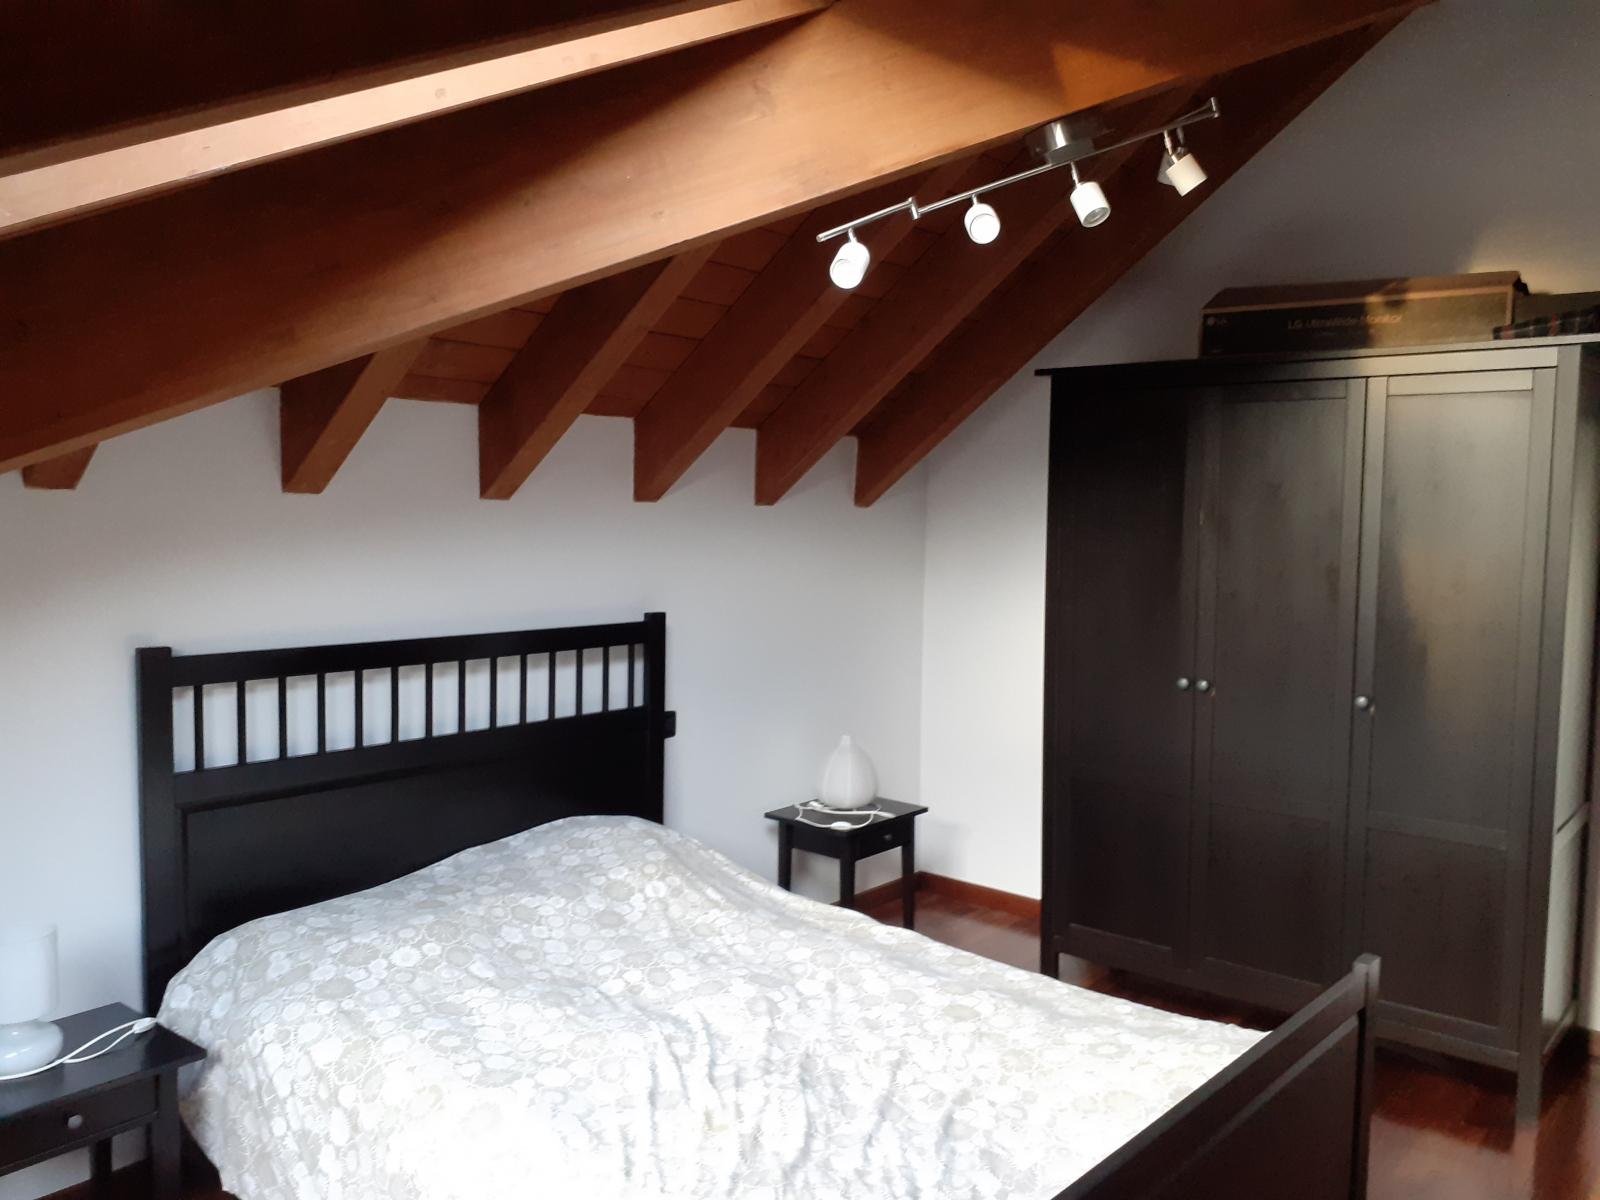 appartamento-in-vendita-a-rho-mansarda-2-3-locali-spaziourbano-immobiliere-vende-3